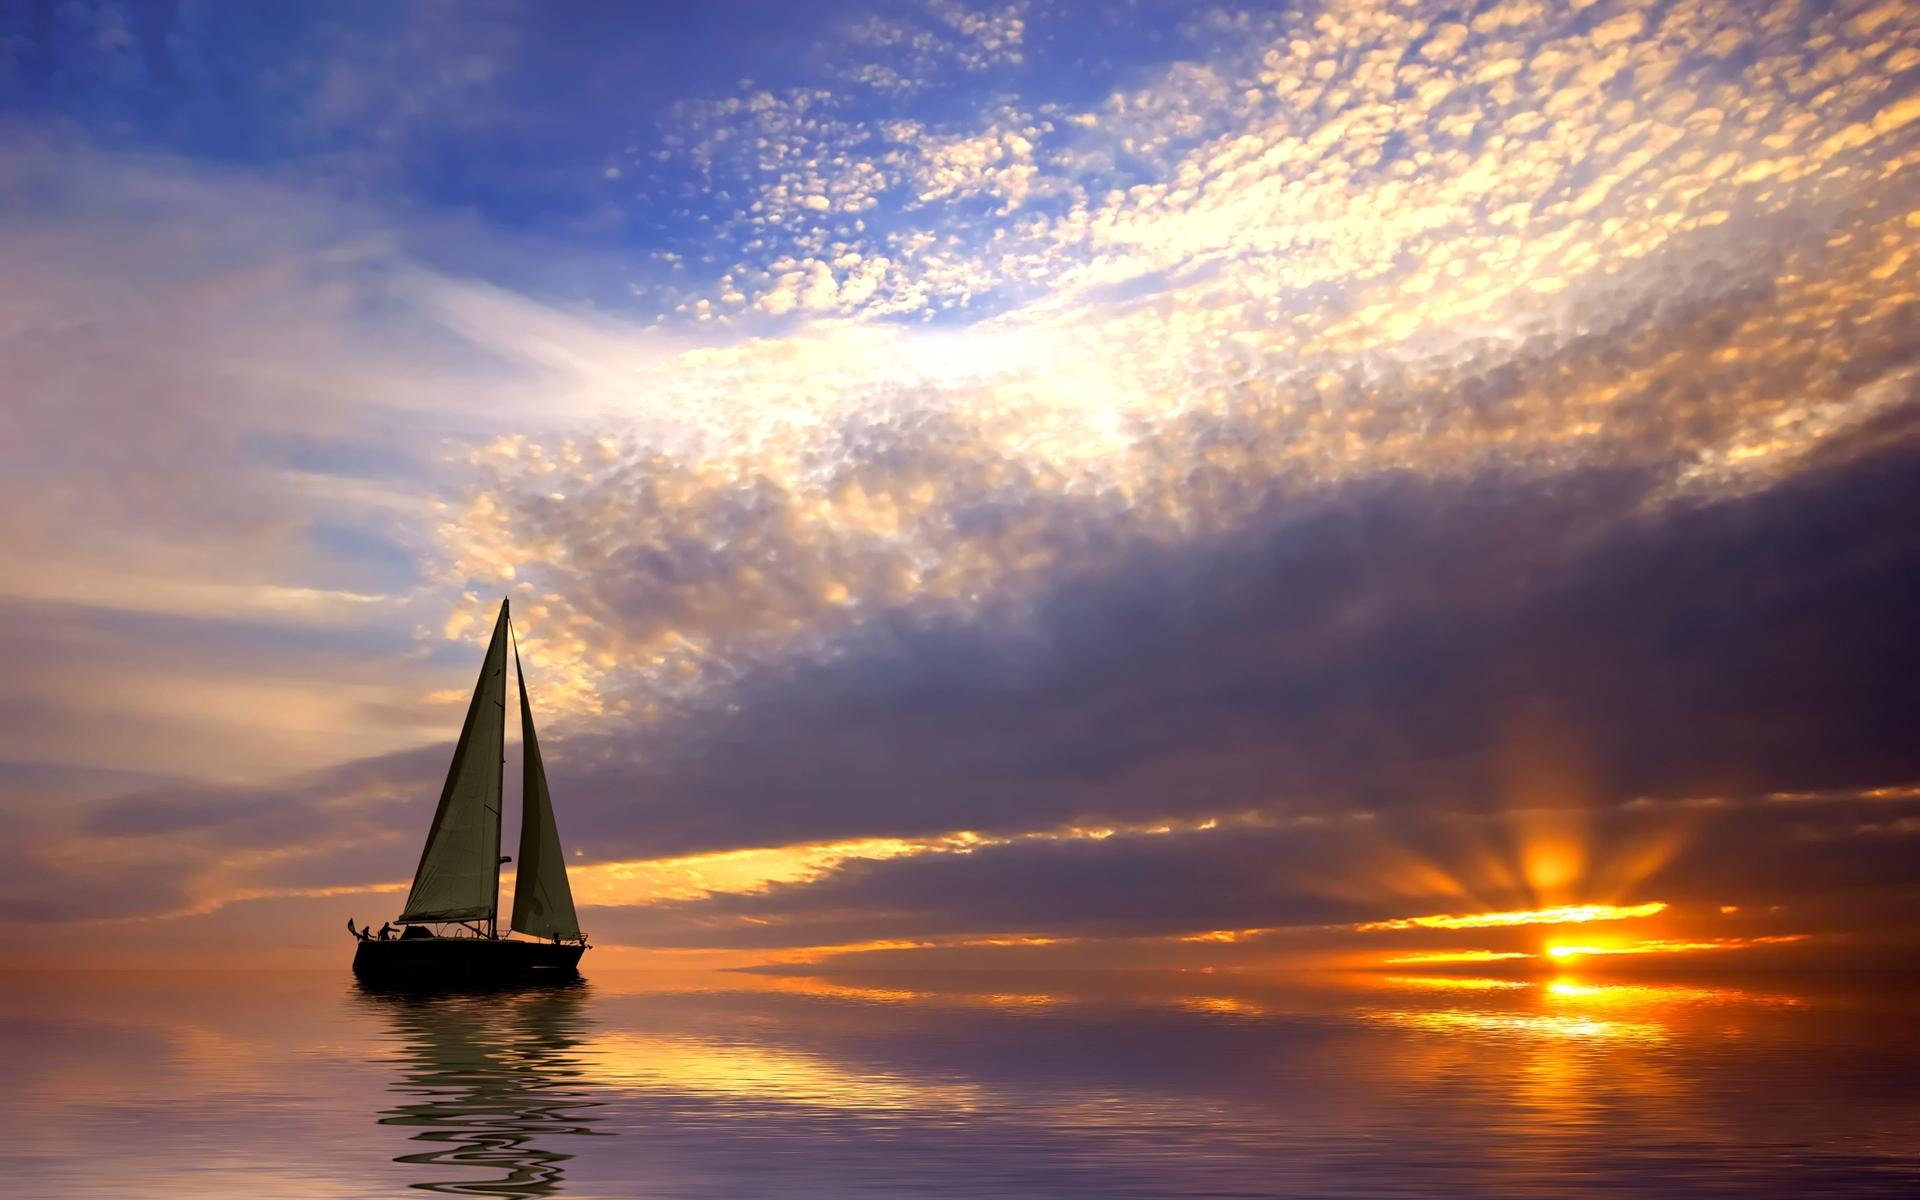 Скачать картинку Транспорт, Пейзаж, Закат, Море, Яхты в телефон бесплатно.